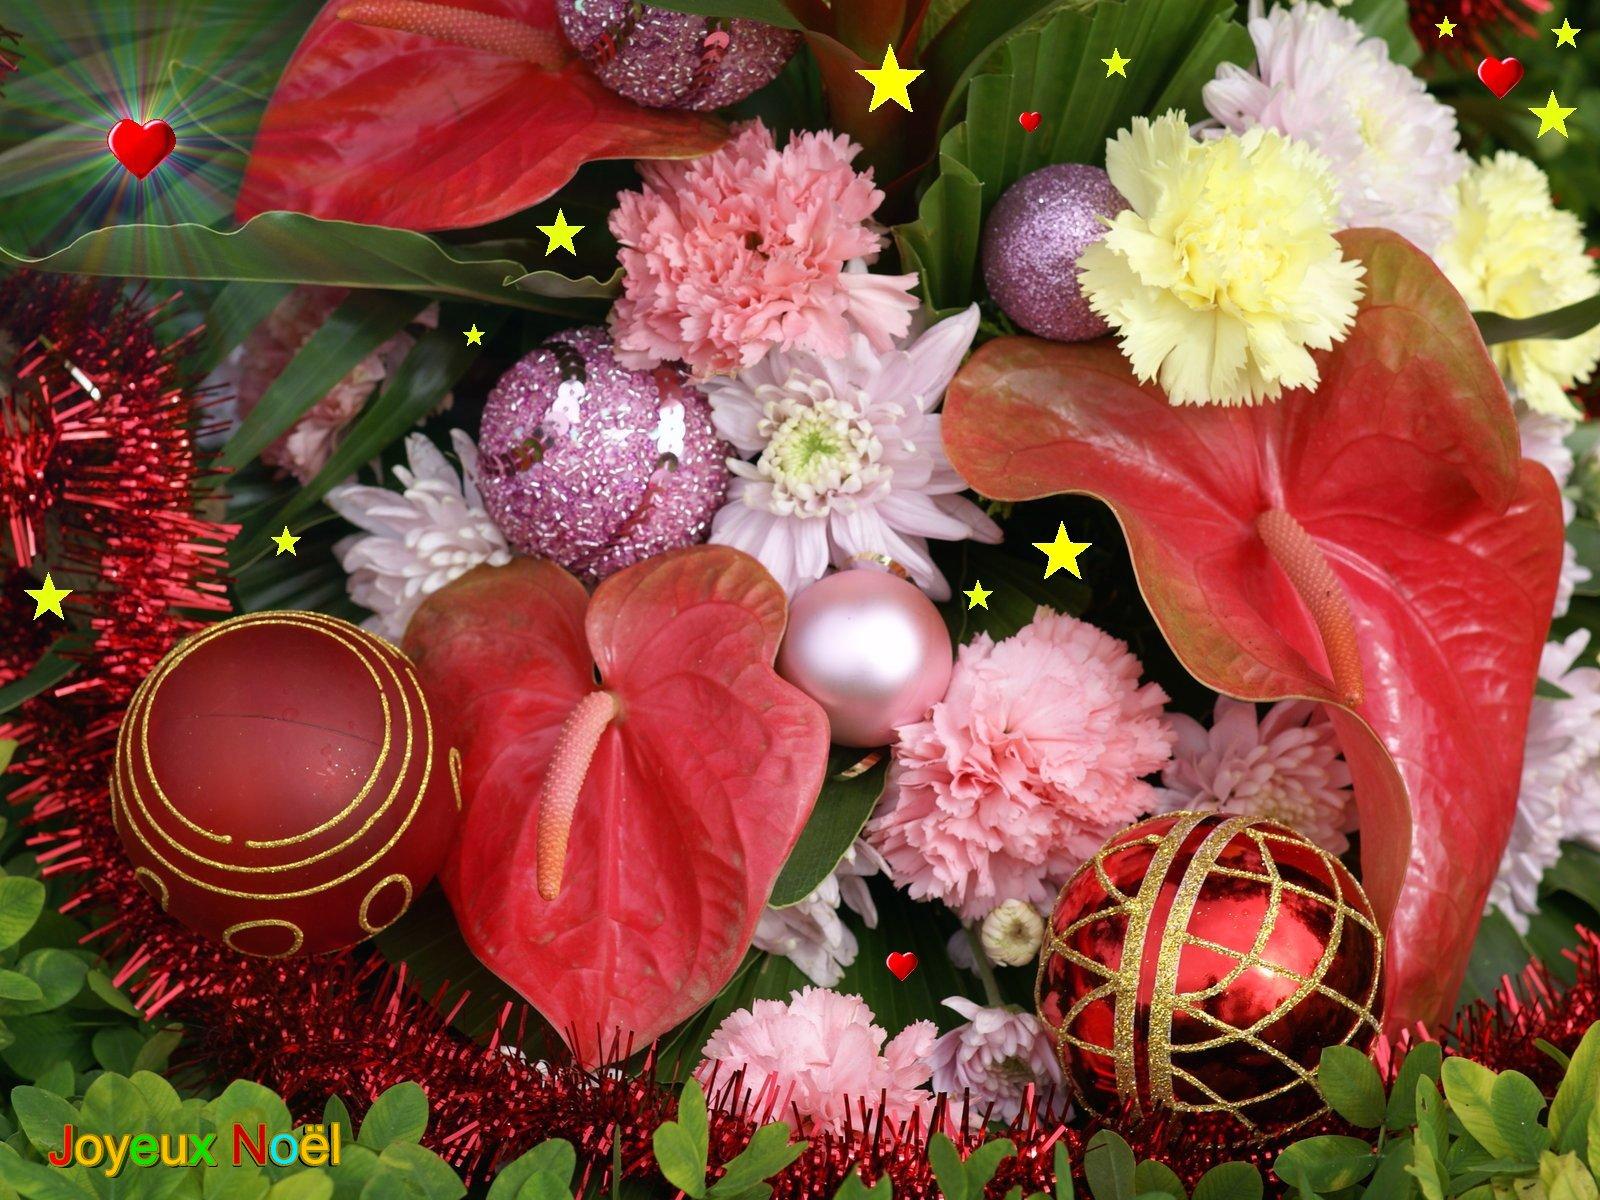 Fleurs joyeux noel for Fond ecran noel